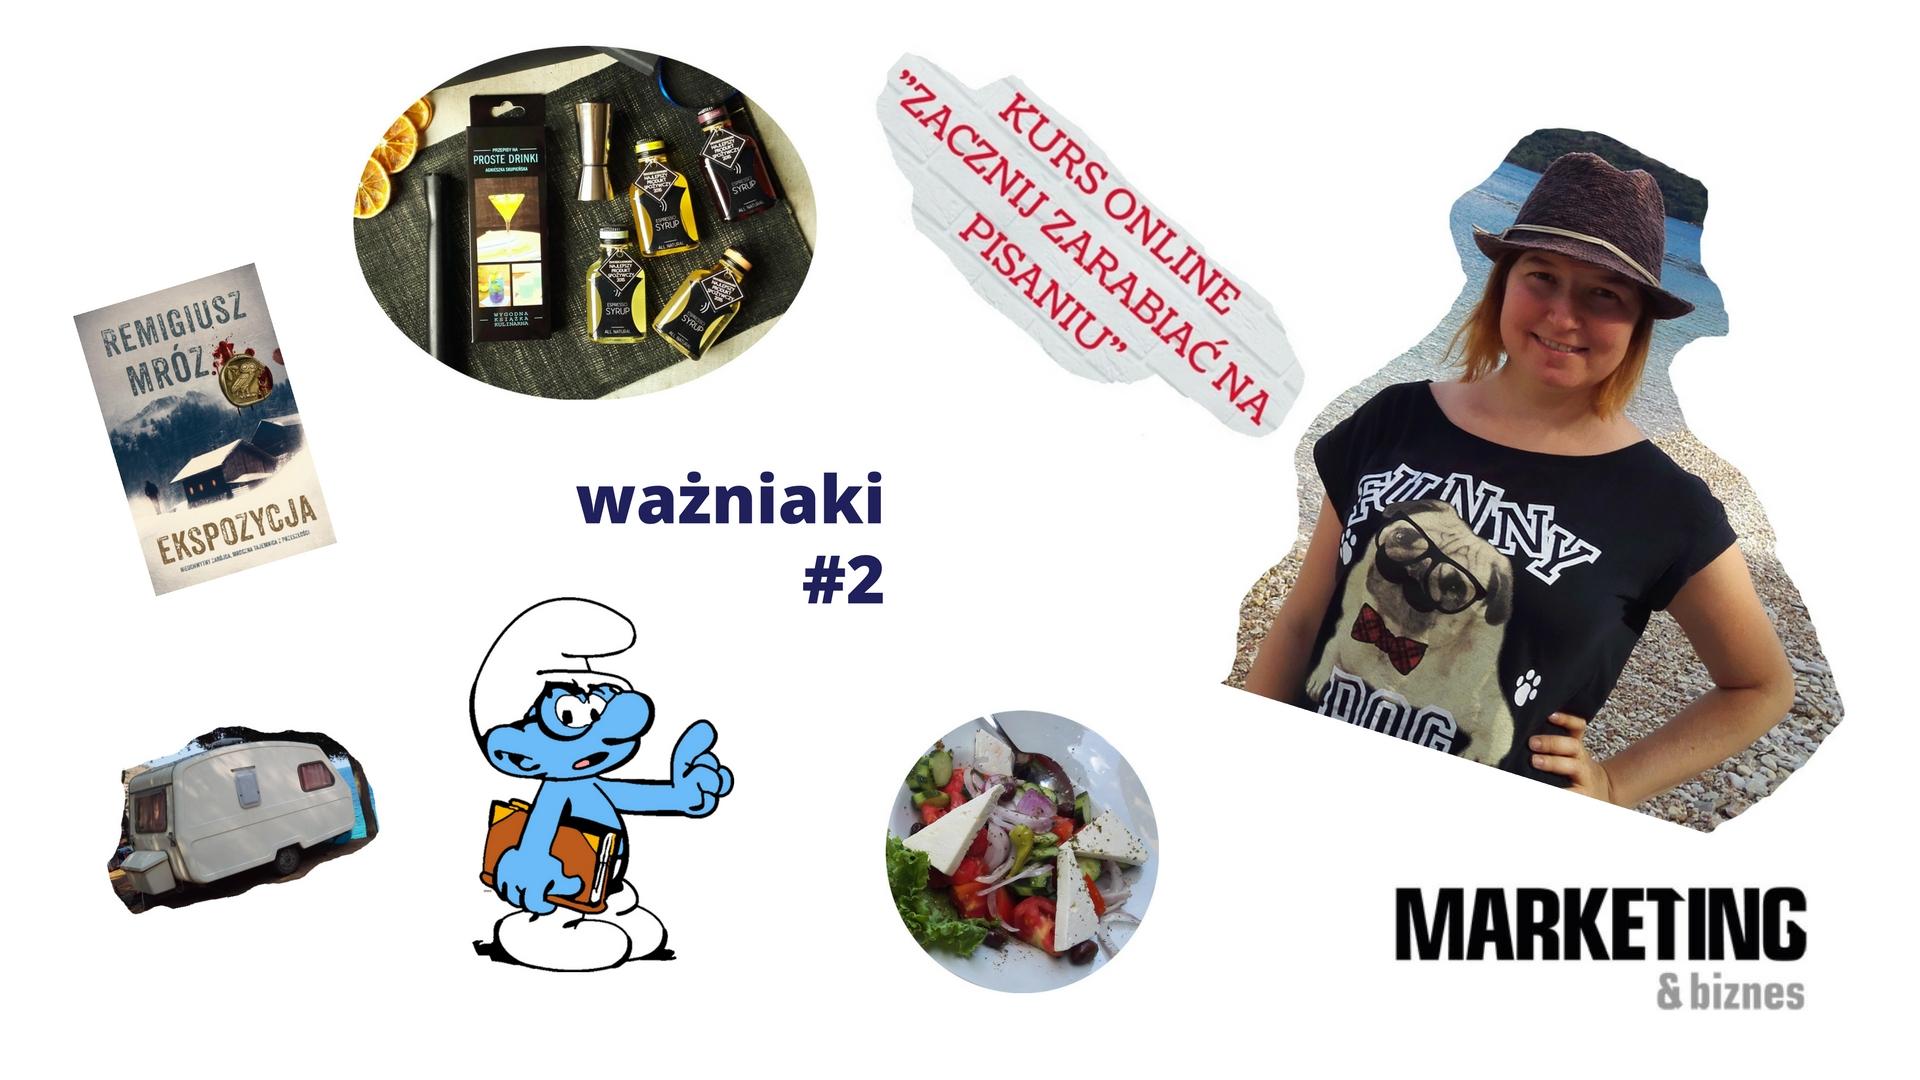 wazniaki